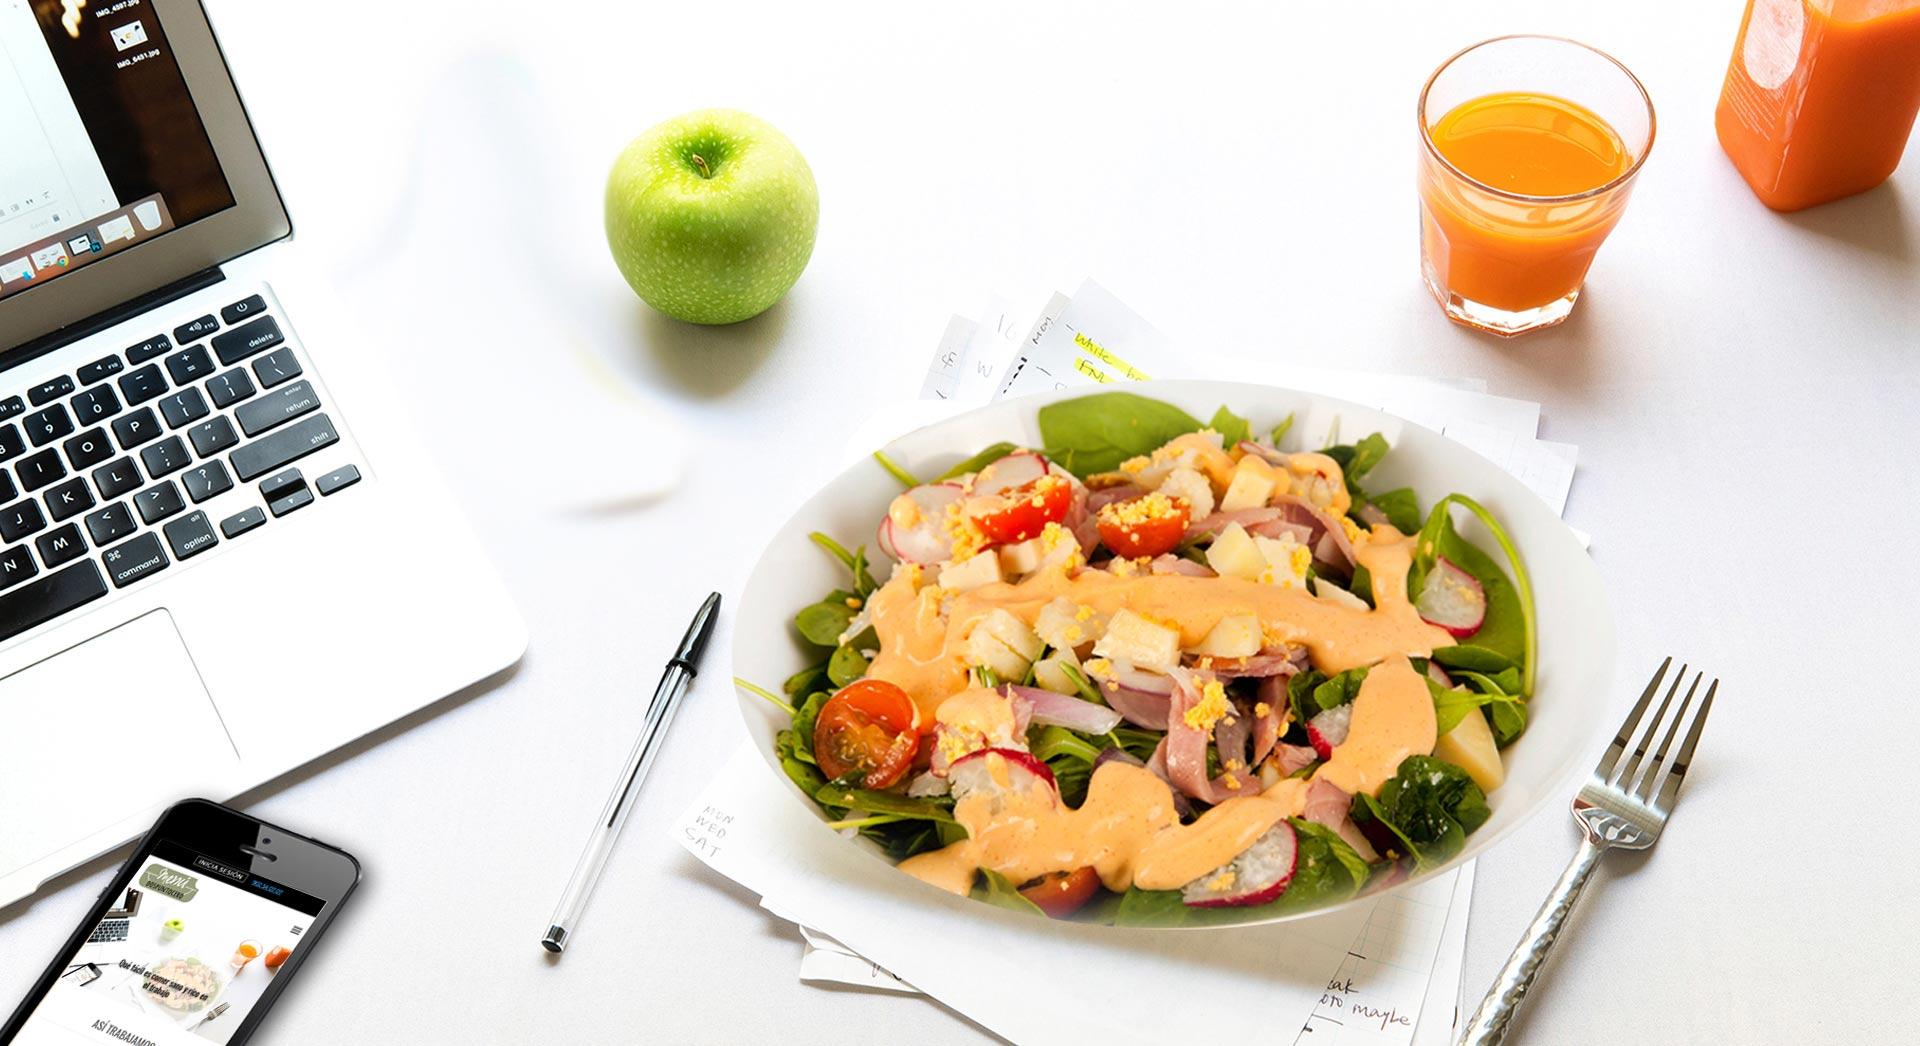 Qué fácil es comer sano y rico en el trabajo